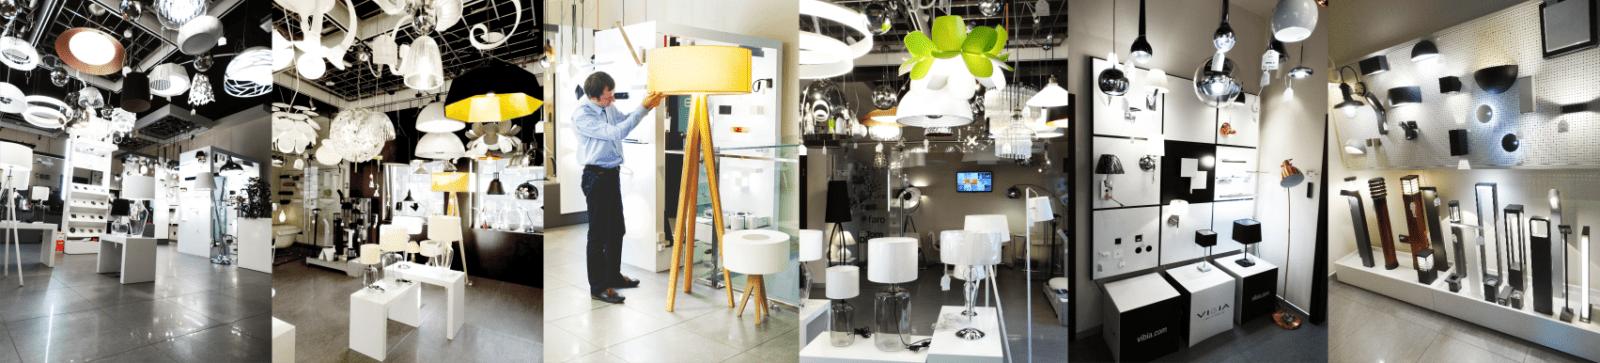 Lampy I Oświetlenie Elmax Lighting Tychy Katowice śląsk